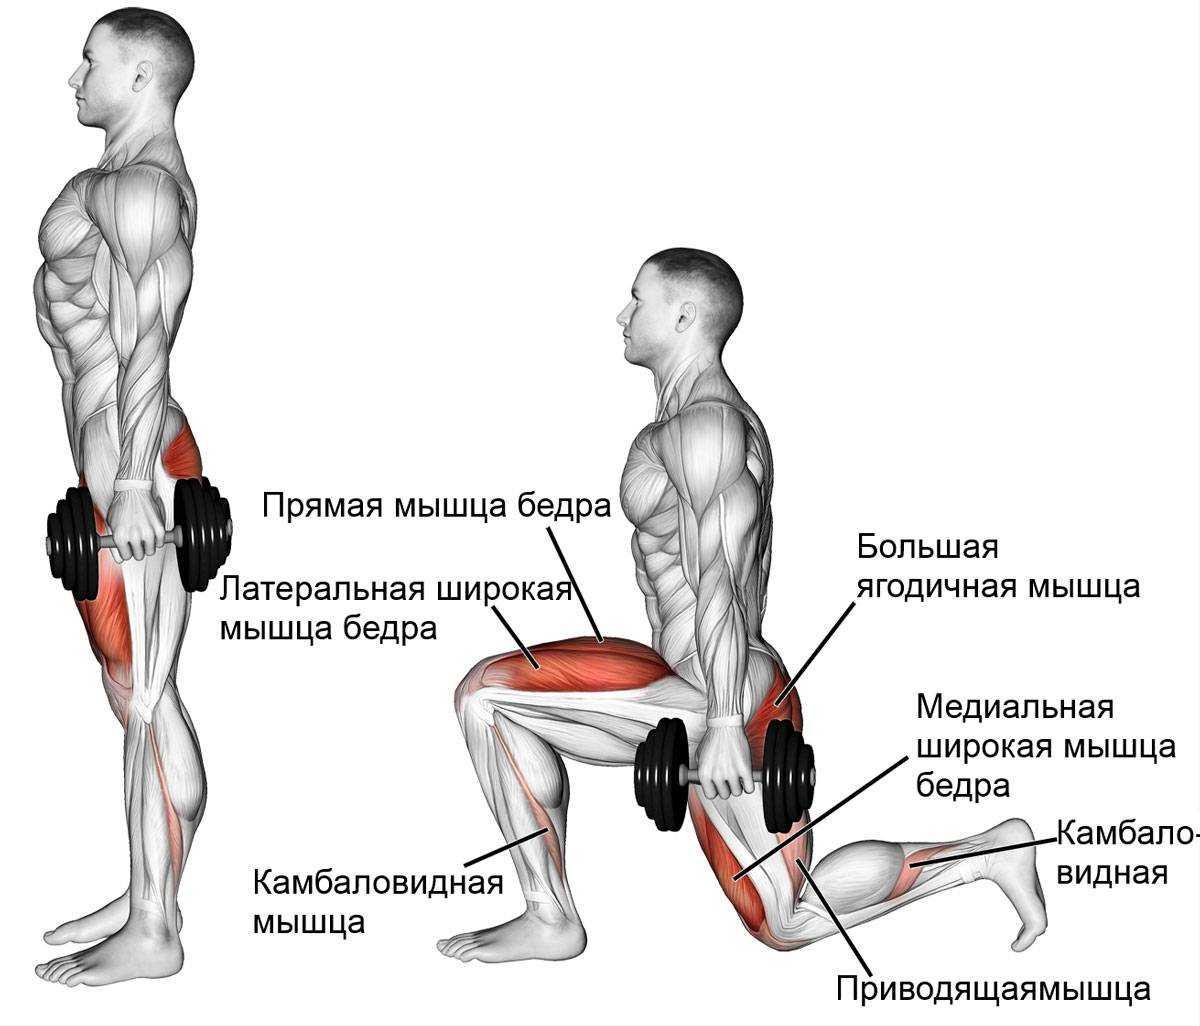 Фитнес-инструктаж: как правильно делать выпады для ягодиц, техника выполнения с гантелями и без | rulebody.ru — правила тела